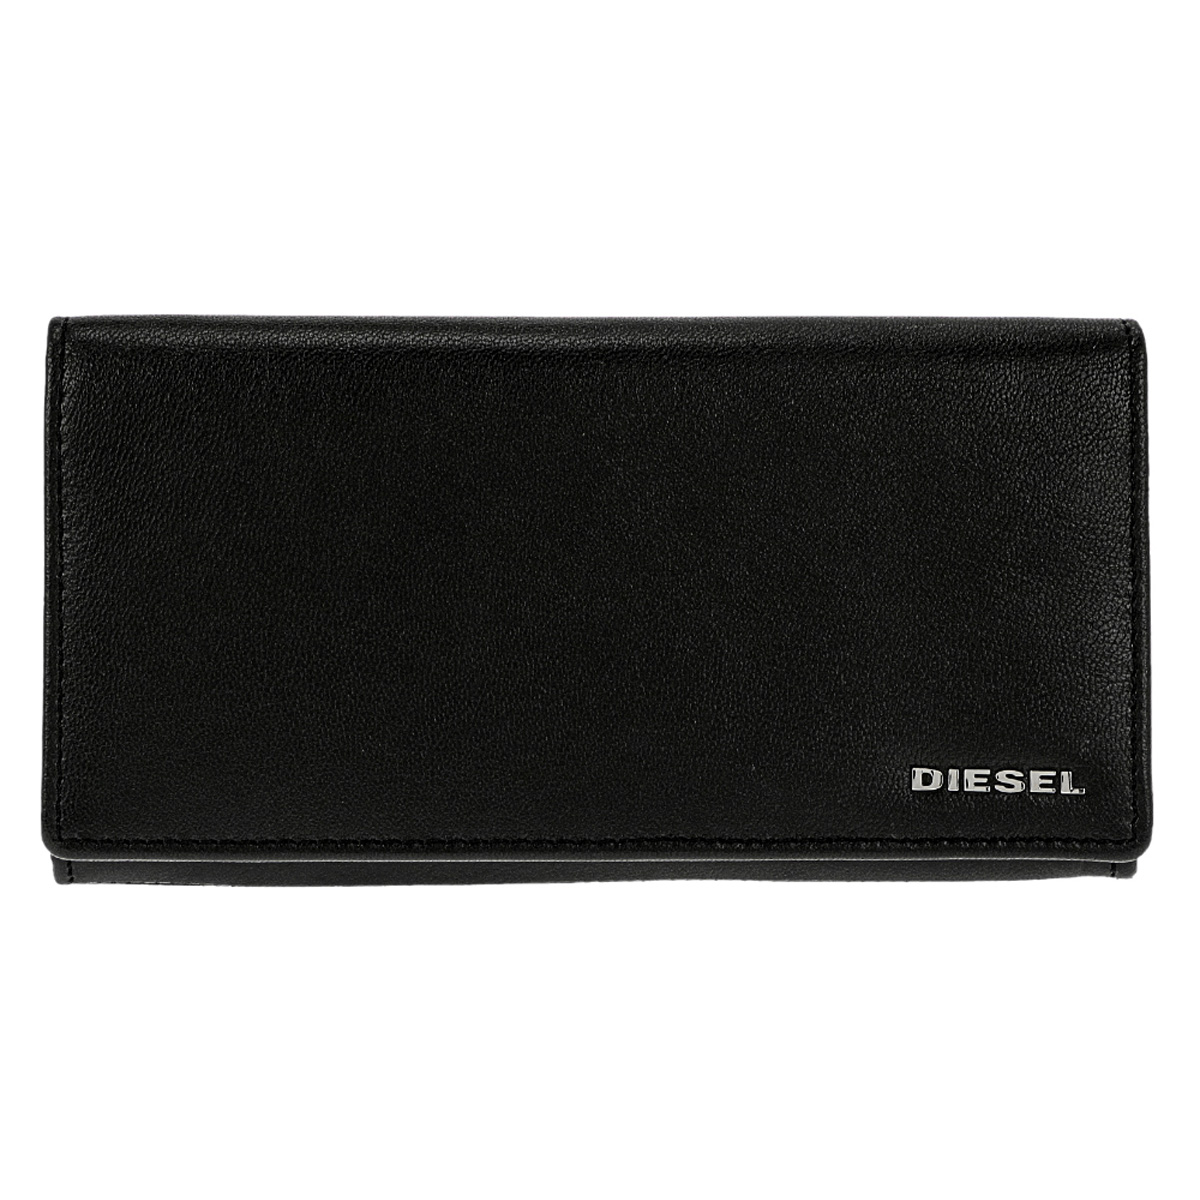 ディーゼル DIESEL 財布 X05660 P1752 H6841 24 A DAY 小銭入れ付き フラップ 長財布 ブラック+イエロー